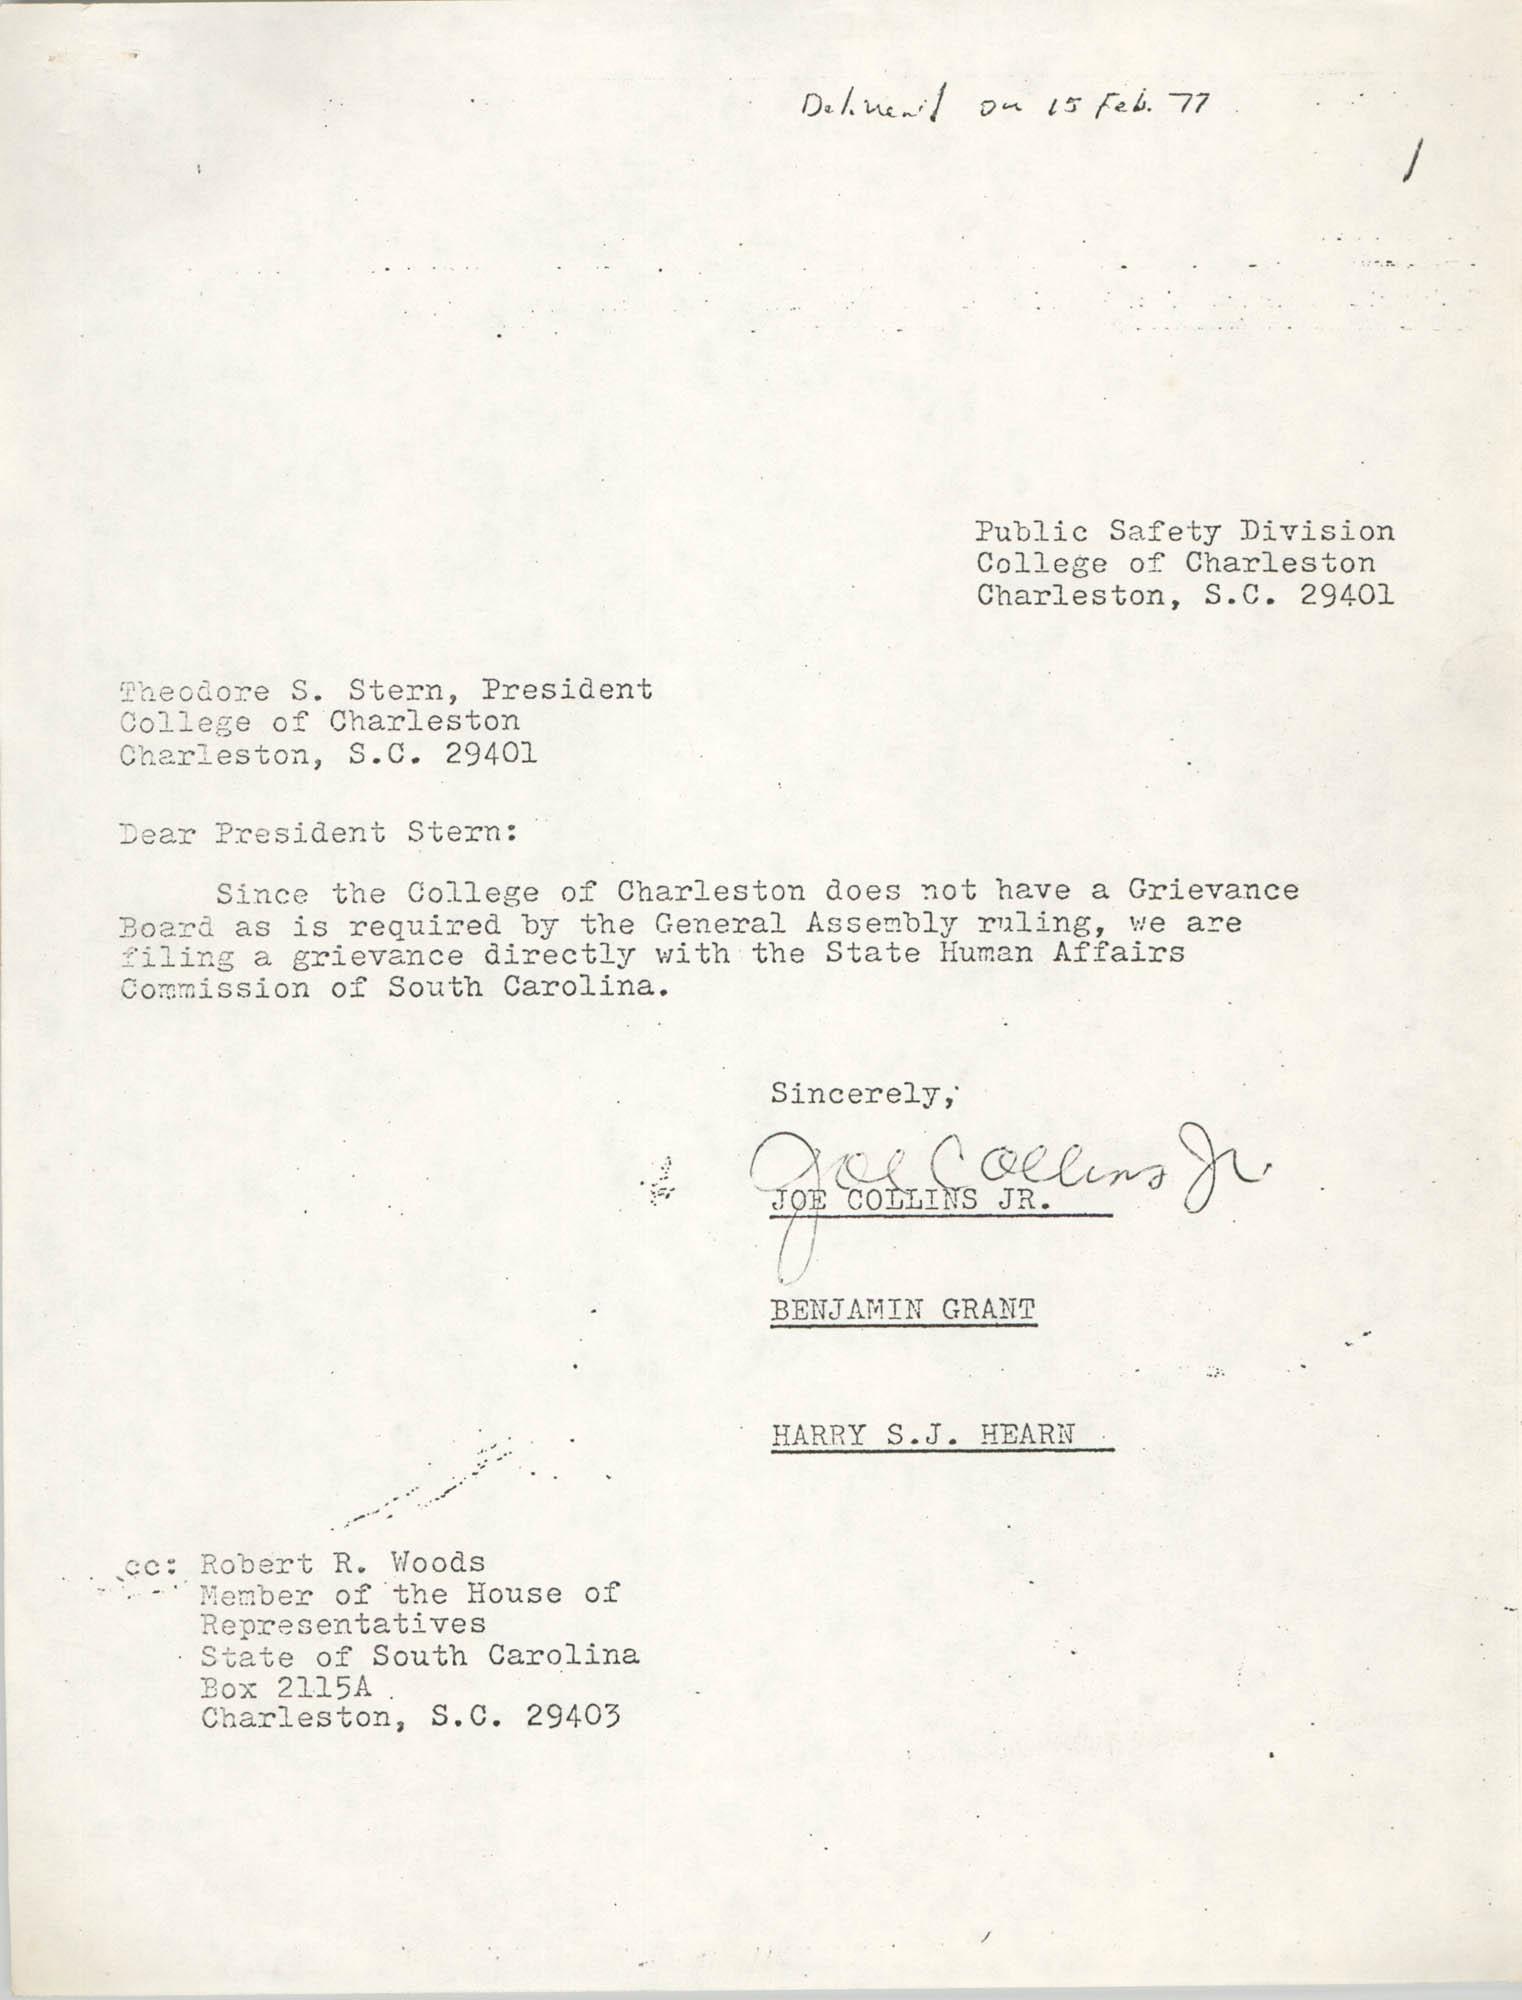 College of Charleston Memorandum, February 15, 1977